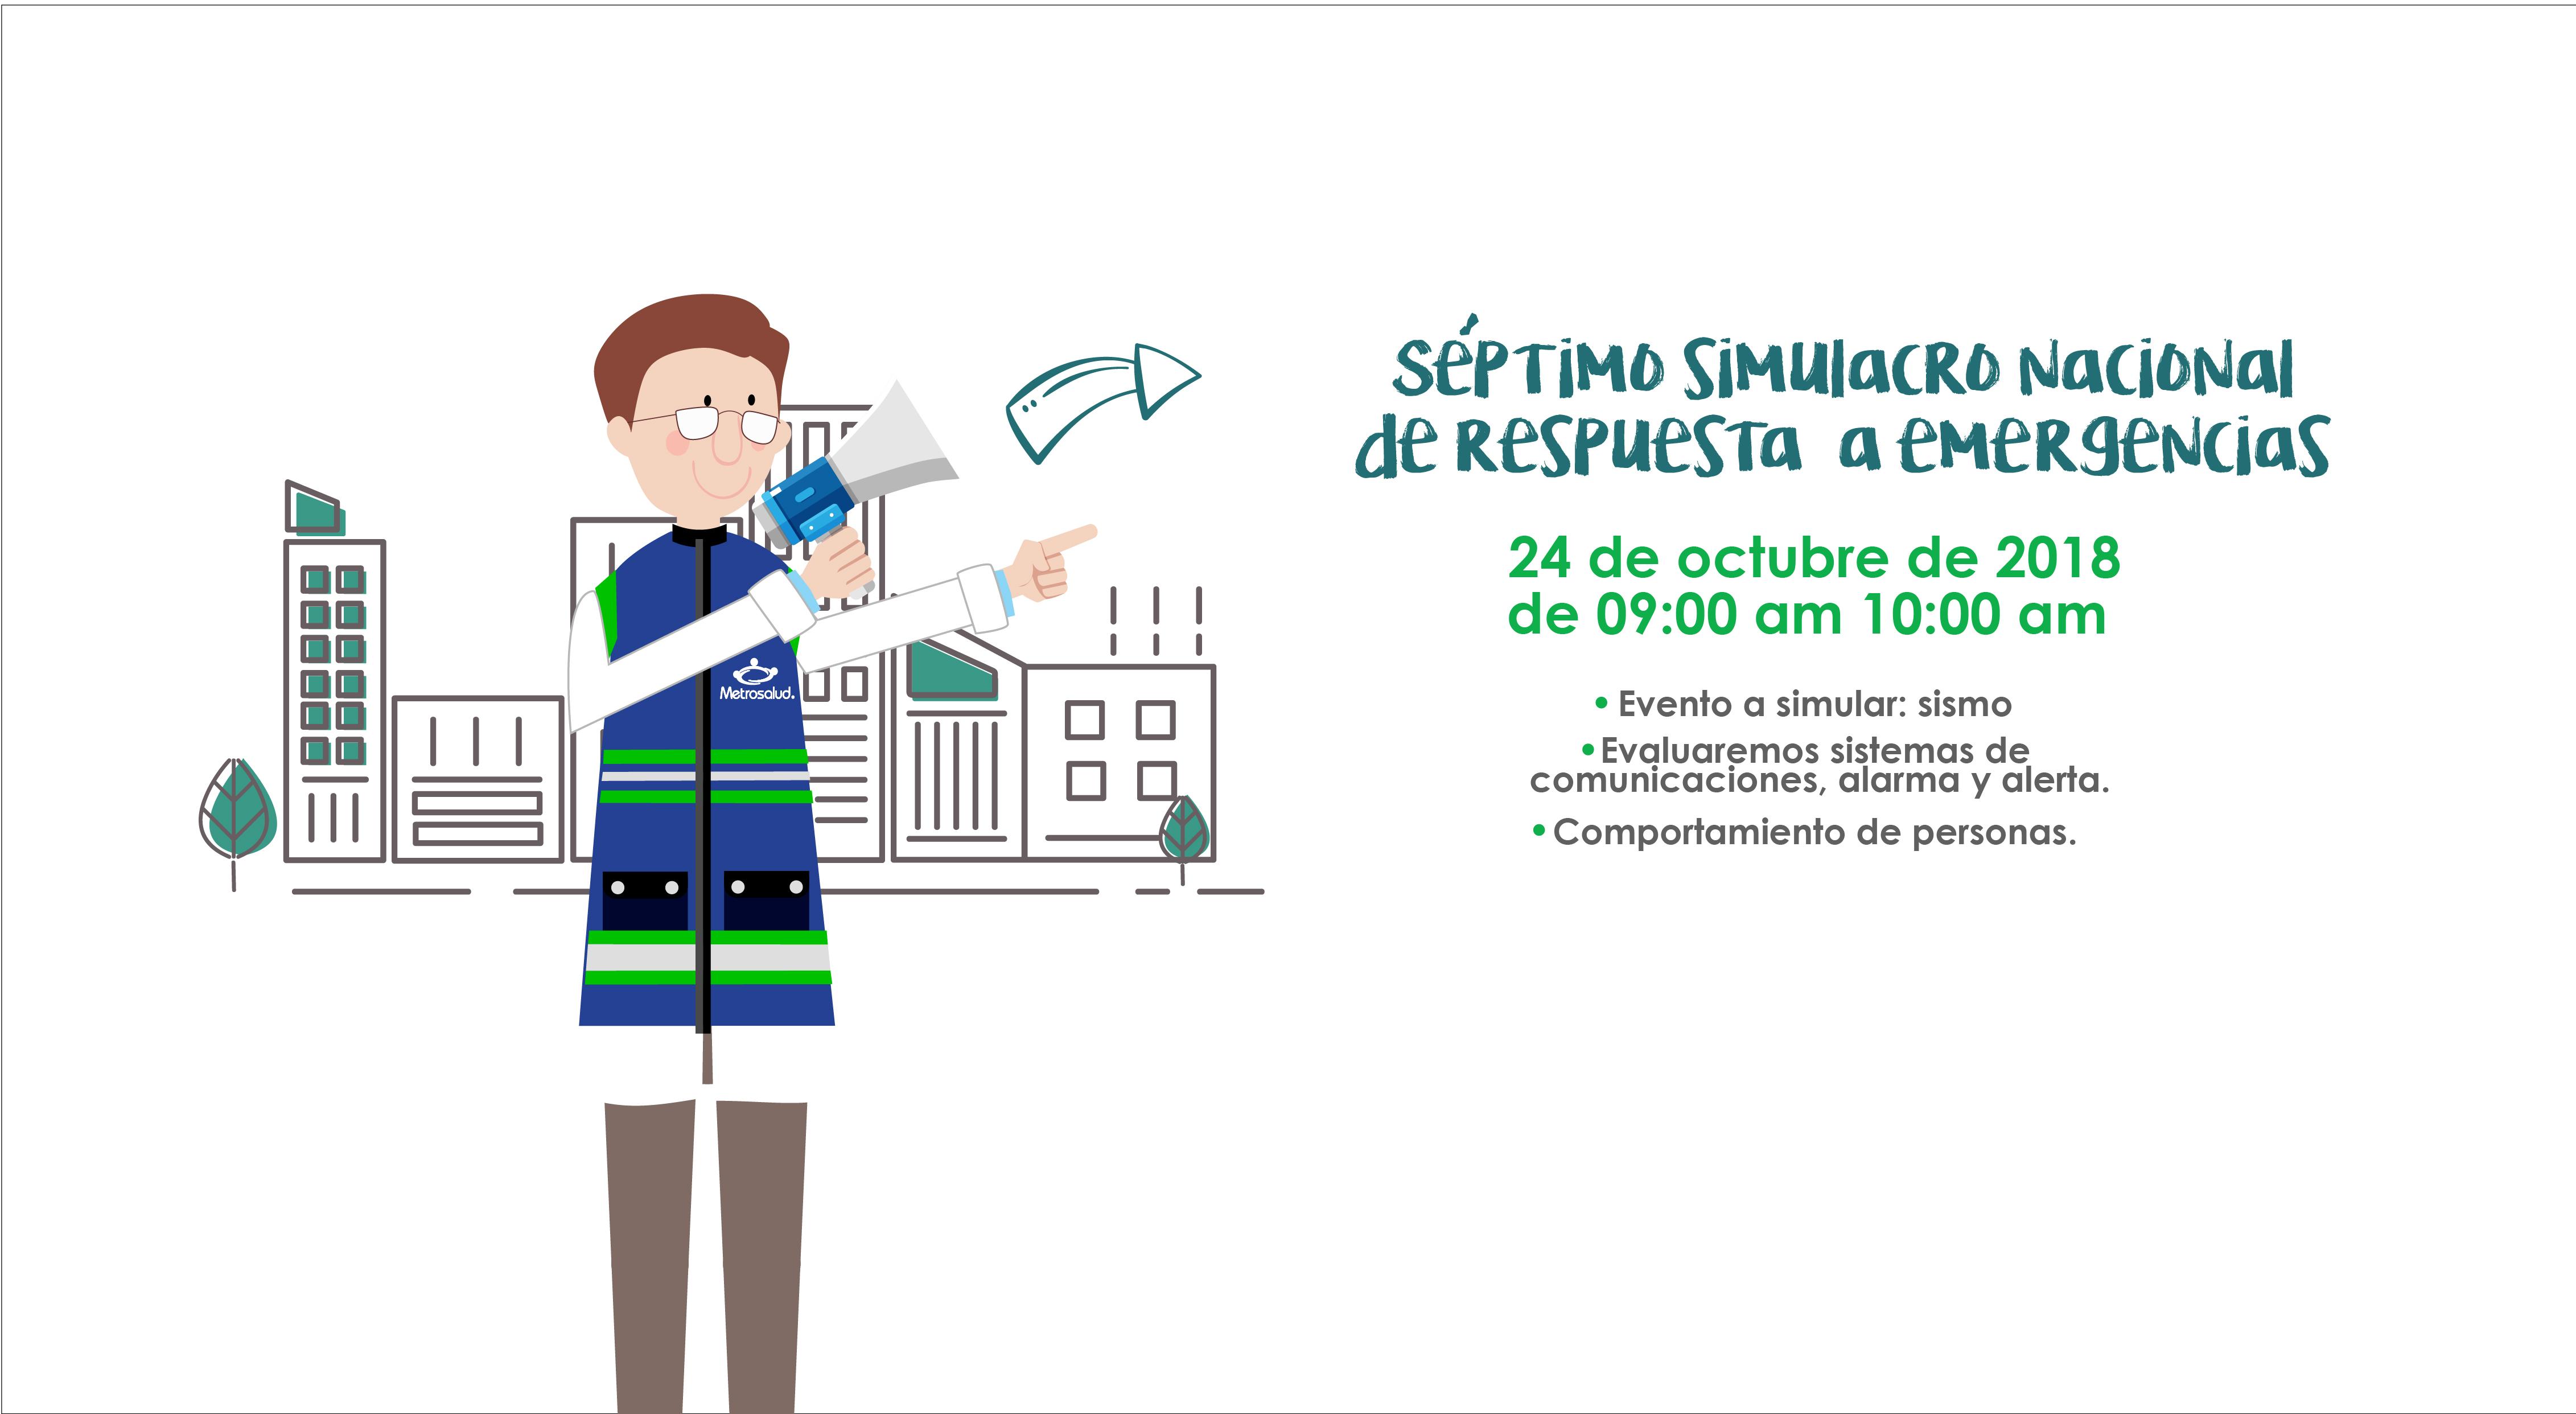 Simulacro-01-01-01-01-01